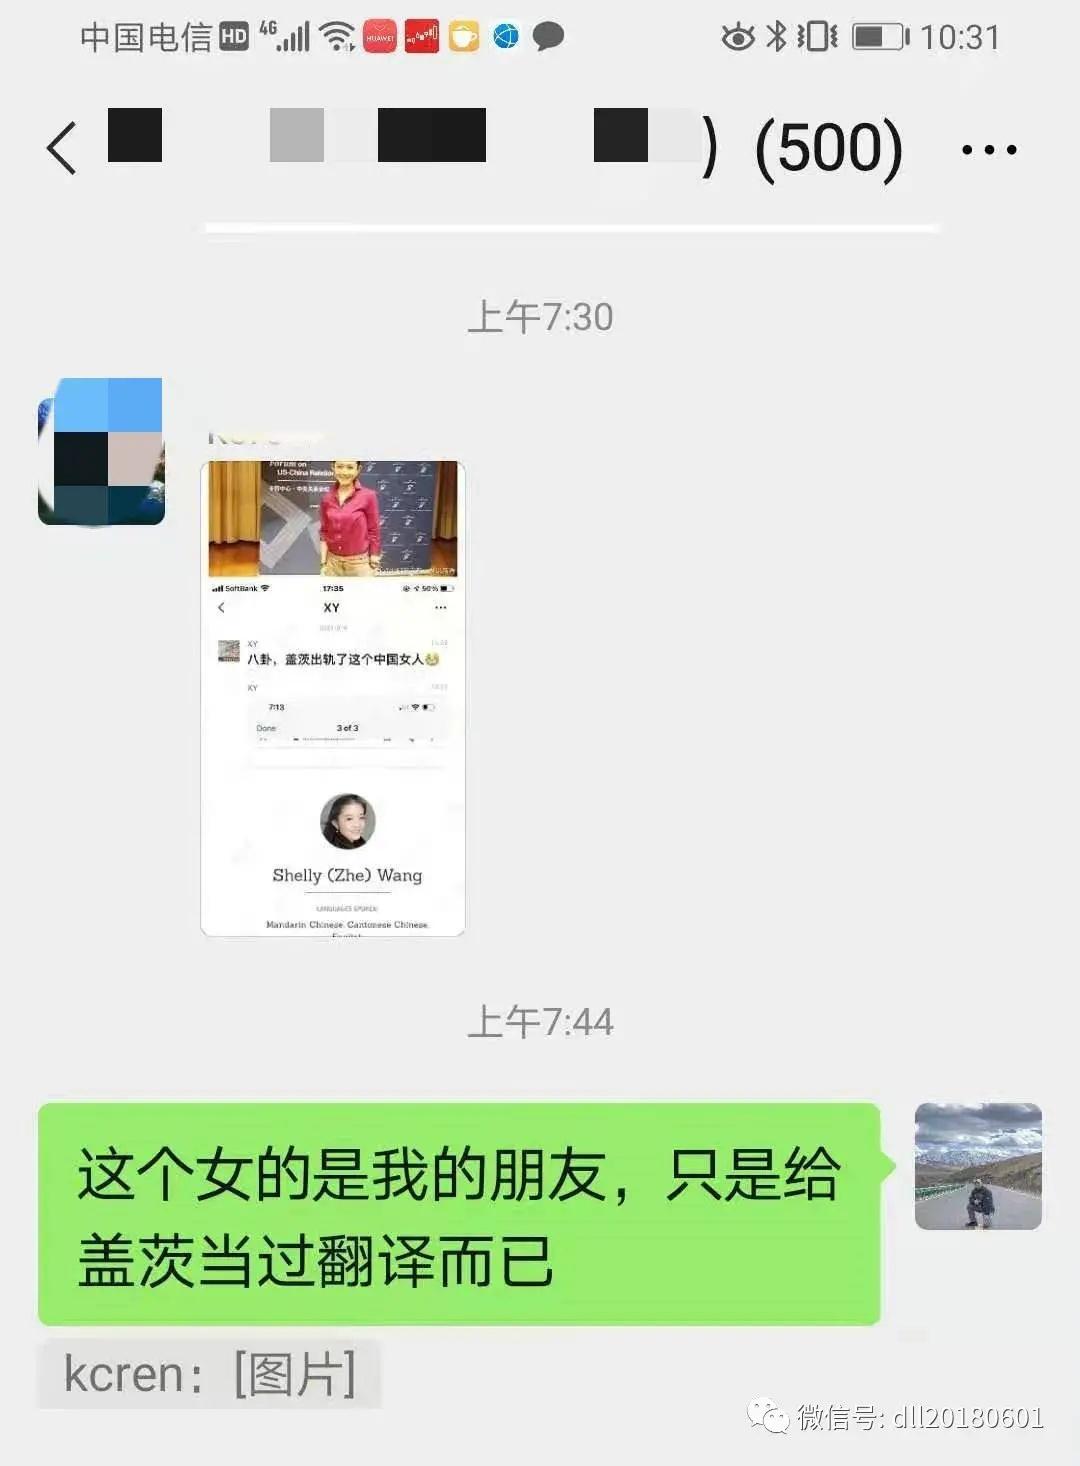 王�辞巴�事辟谣:她是一个非常干净的女孩,我不相信她会去插足别人的婚姻